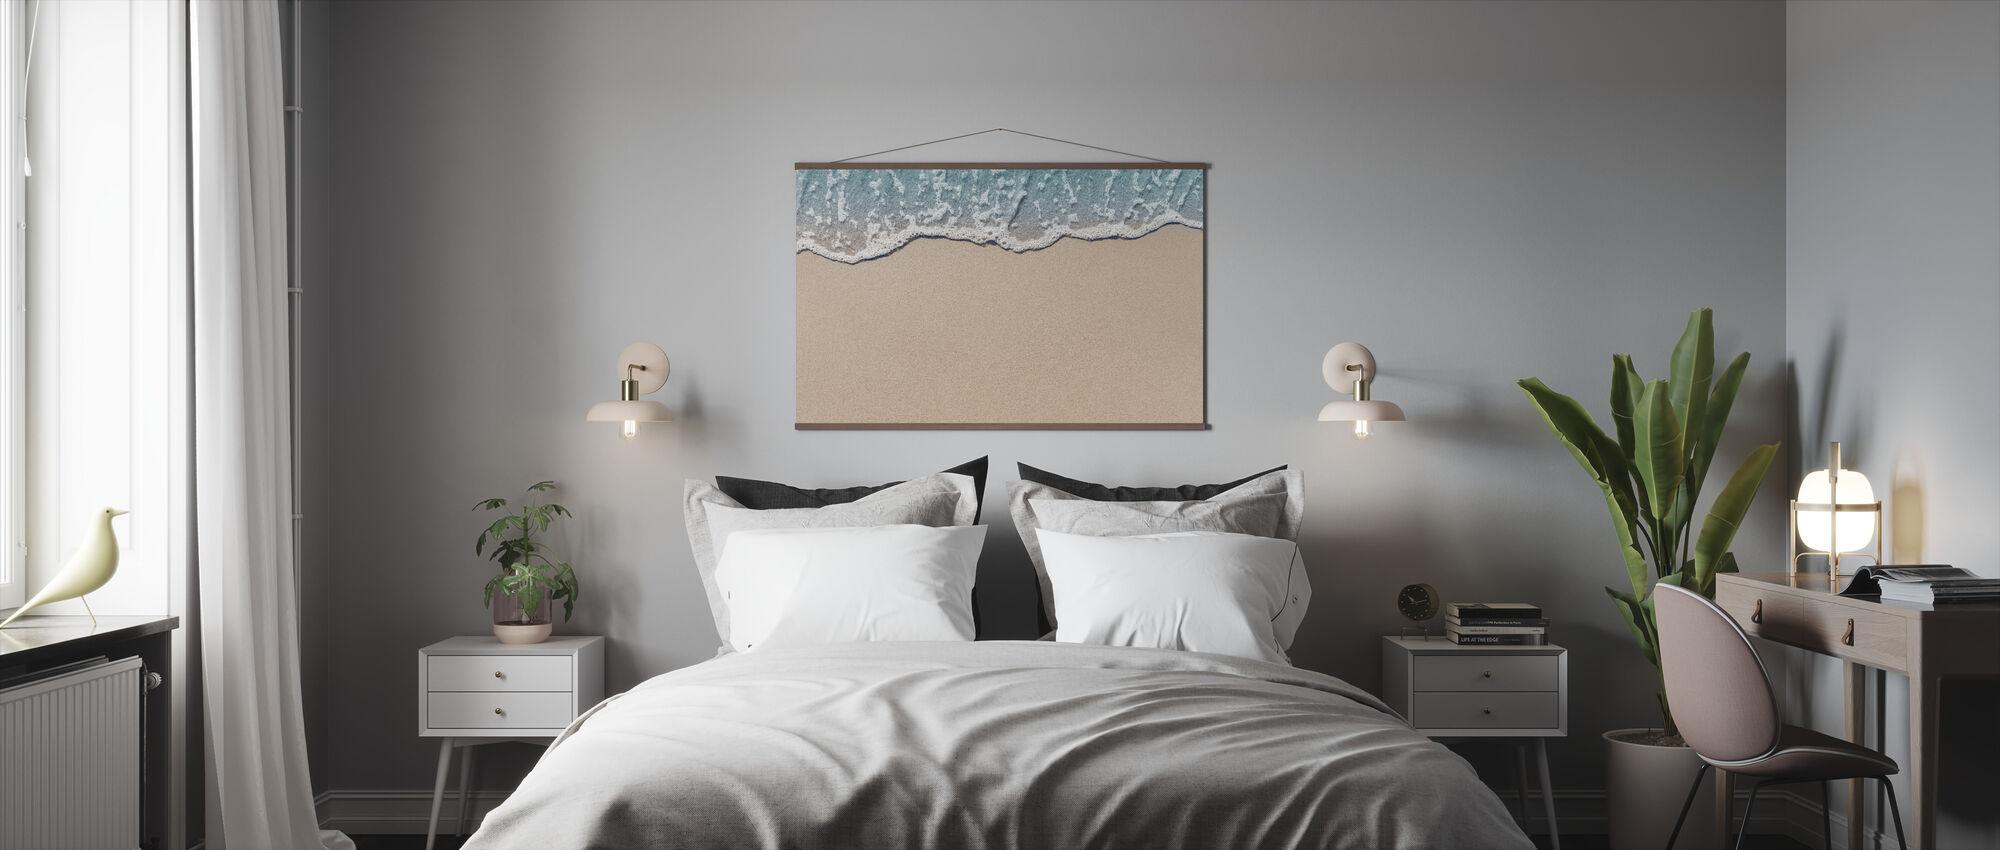 Golf op Sandy Beach - Poster - Slaapkamer